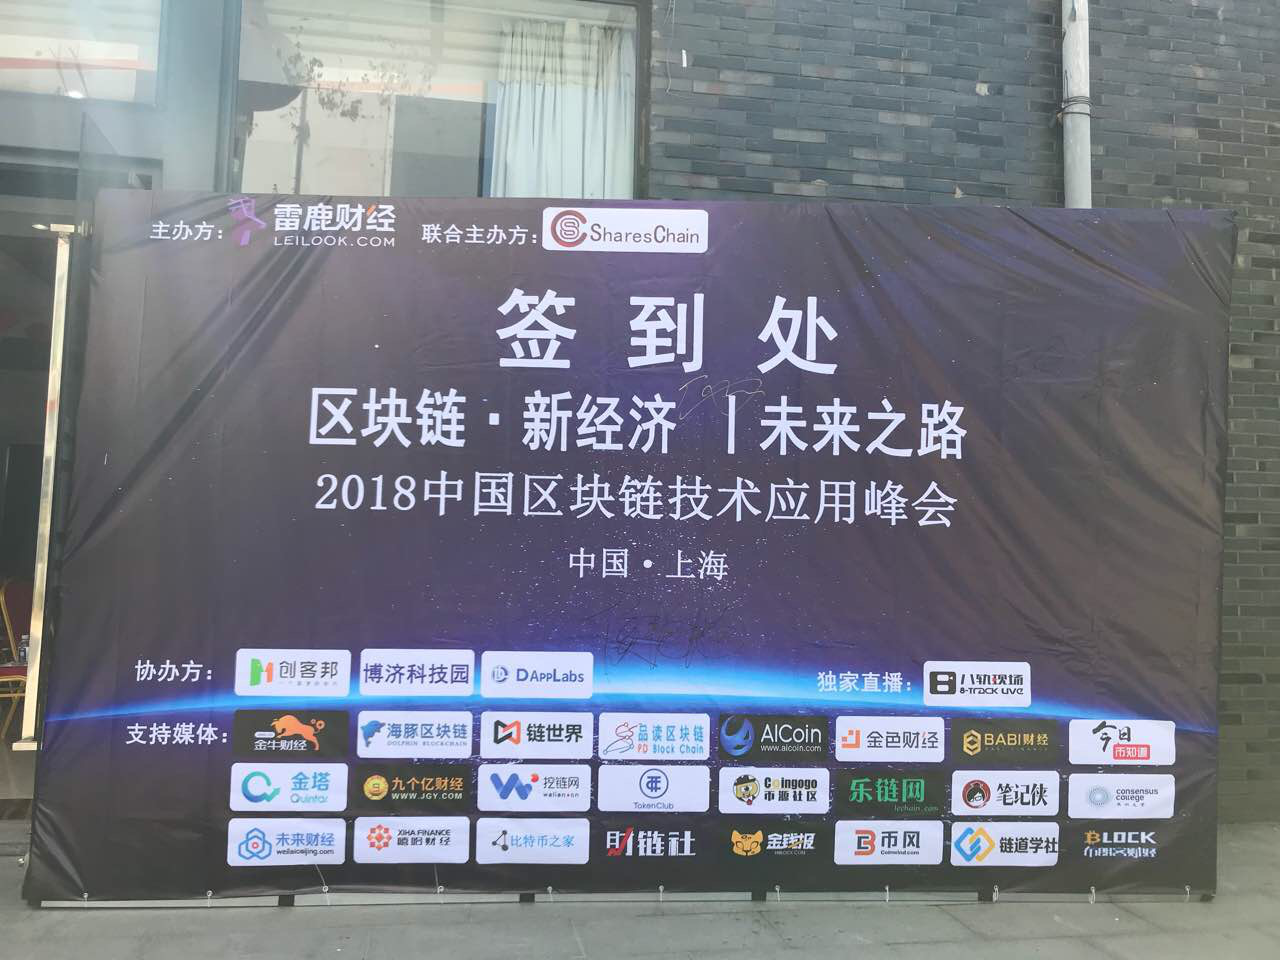 未来之路暨2018中国区块链技术应用峰会在博济上海智汇园圆满落幕